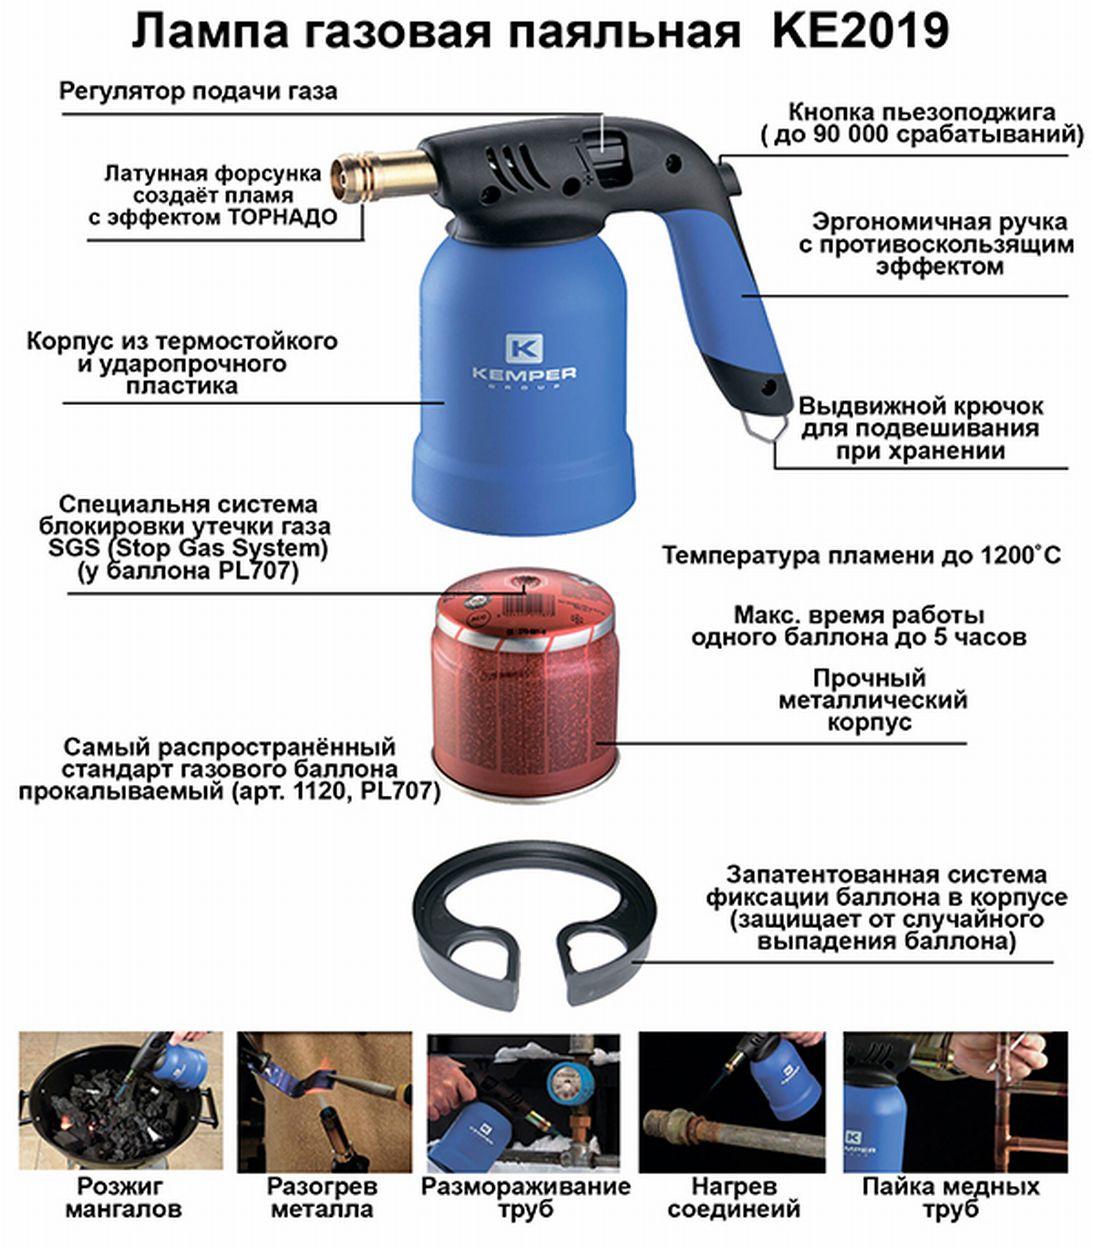 Лампа паяльная газовая Kemper (КЕ2019) с пьезоподжигом